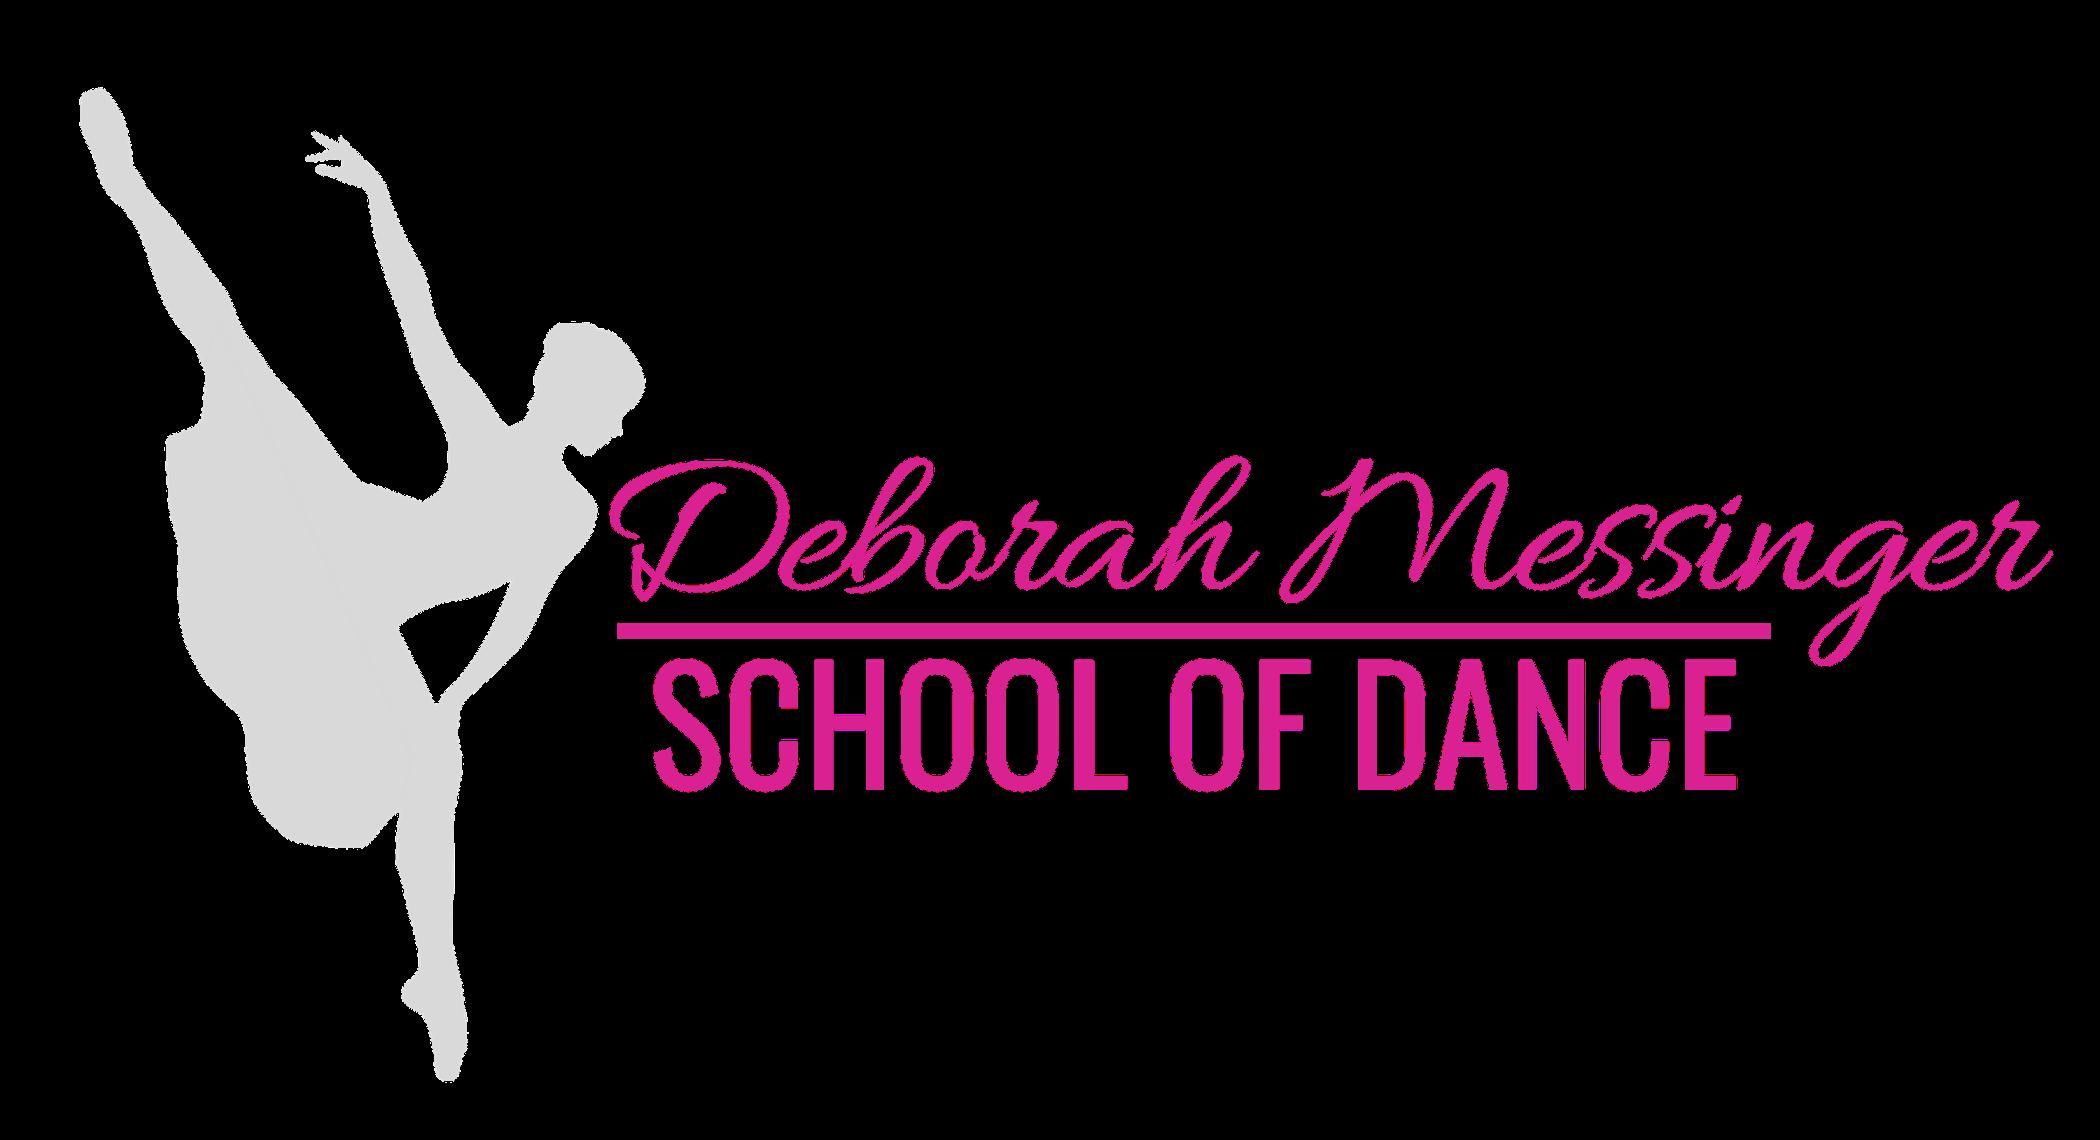 Deborah Messinger School of Dance logo